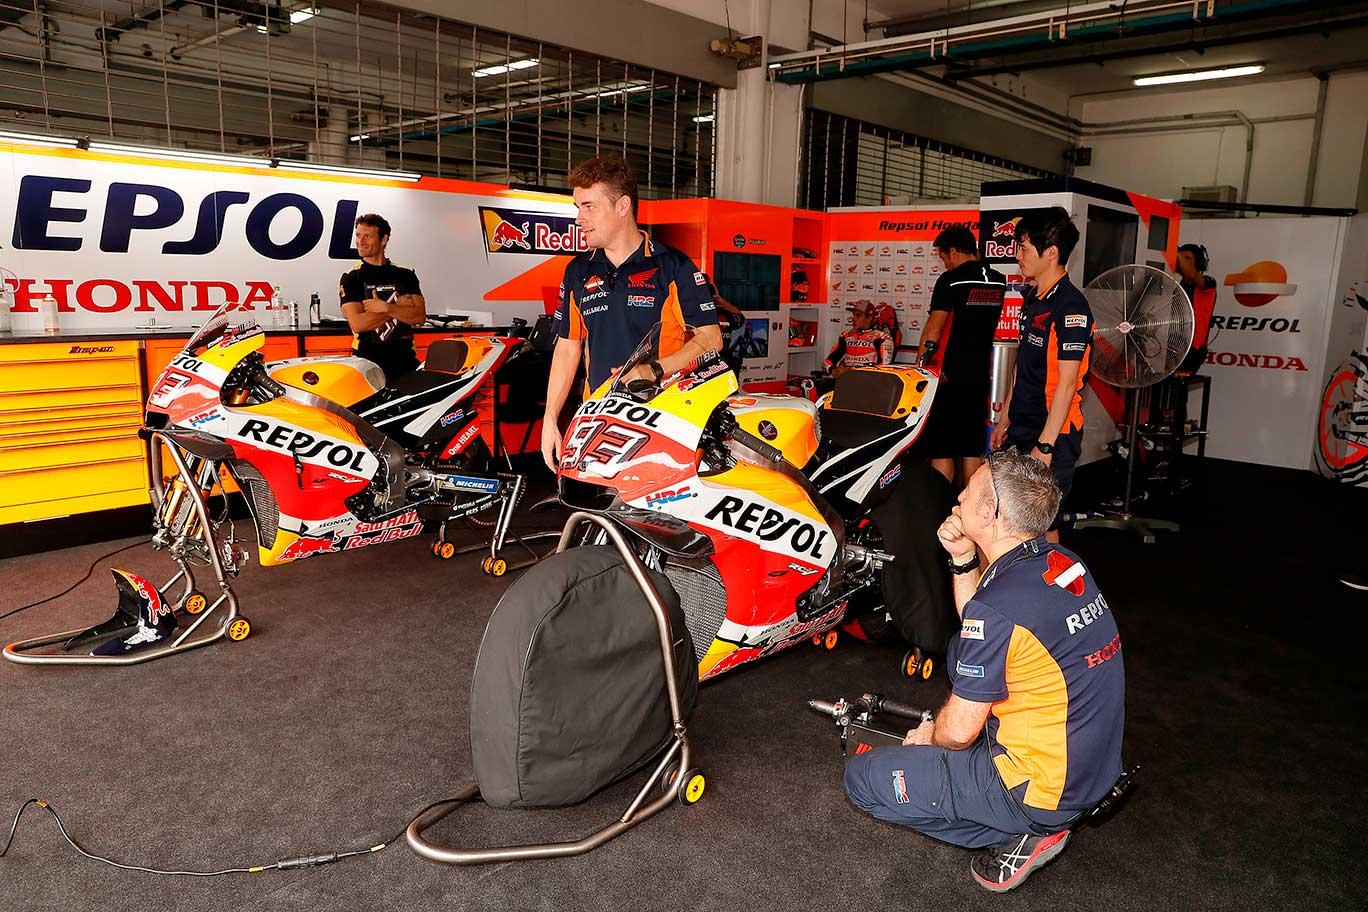 Técnicos Repsol Honda en el box con las motos